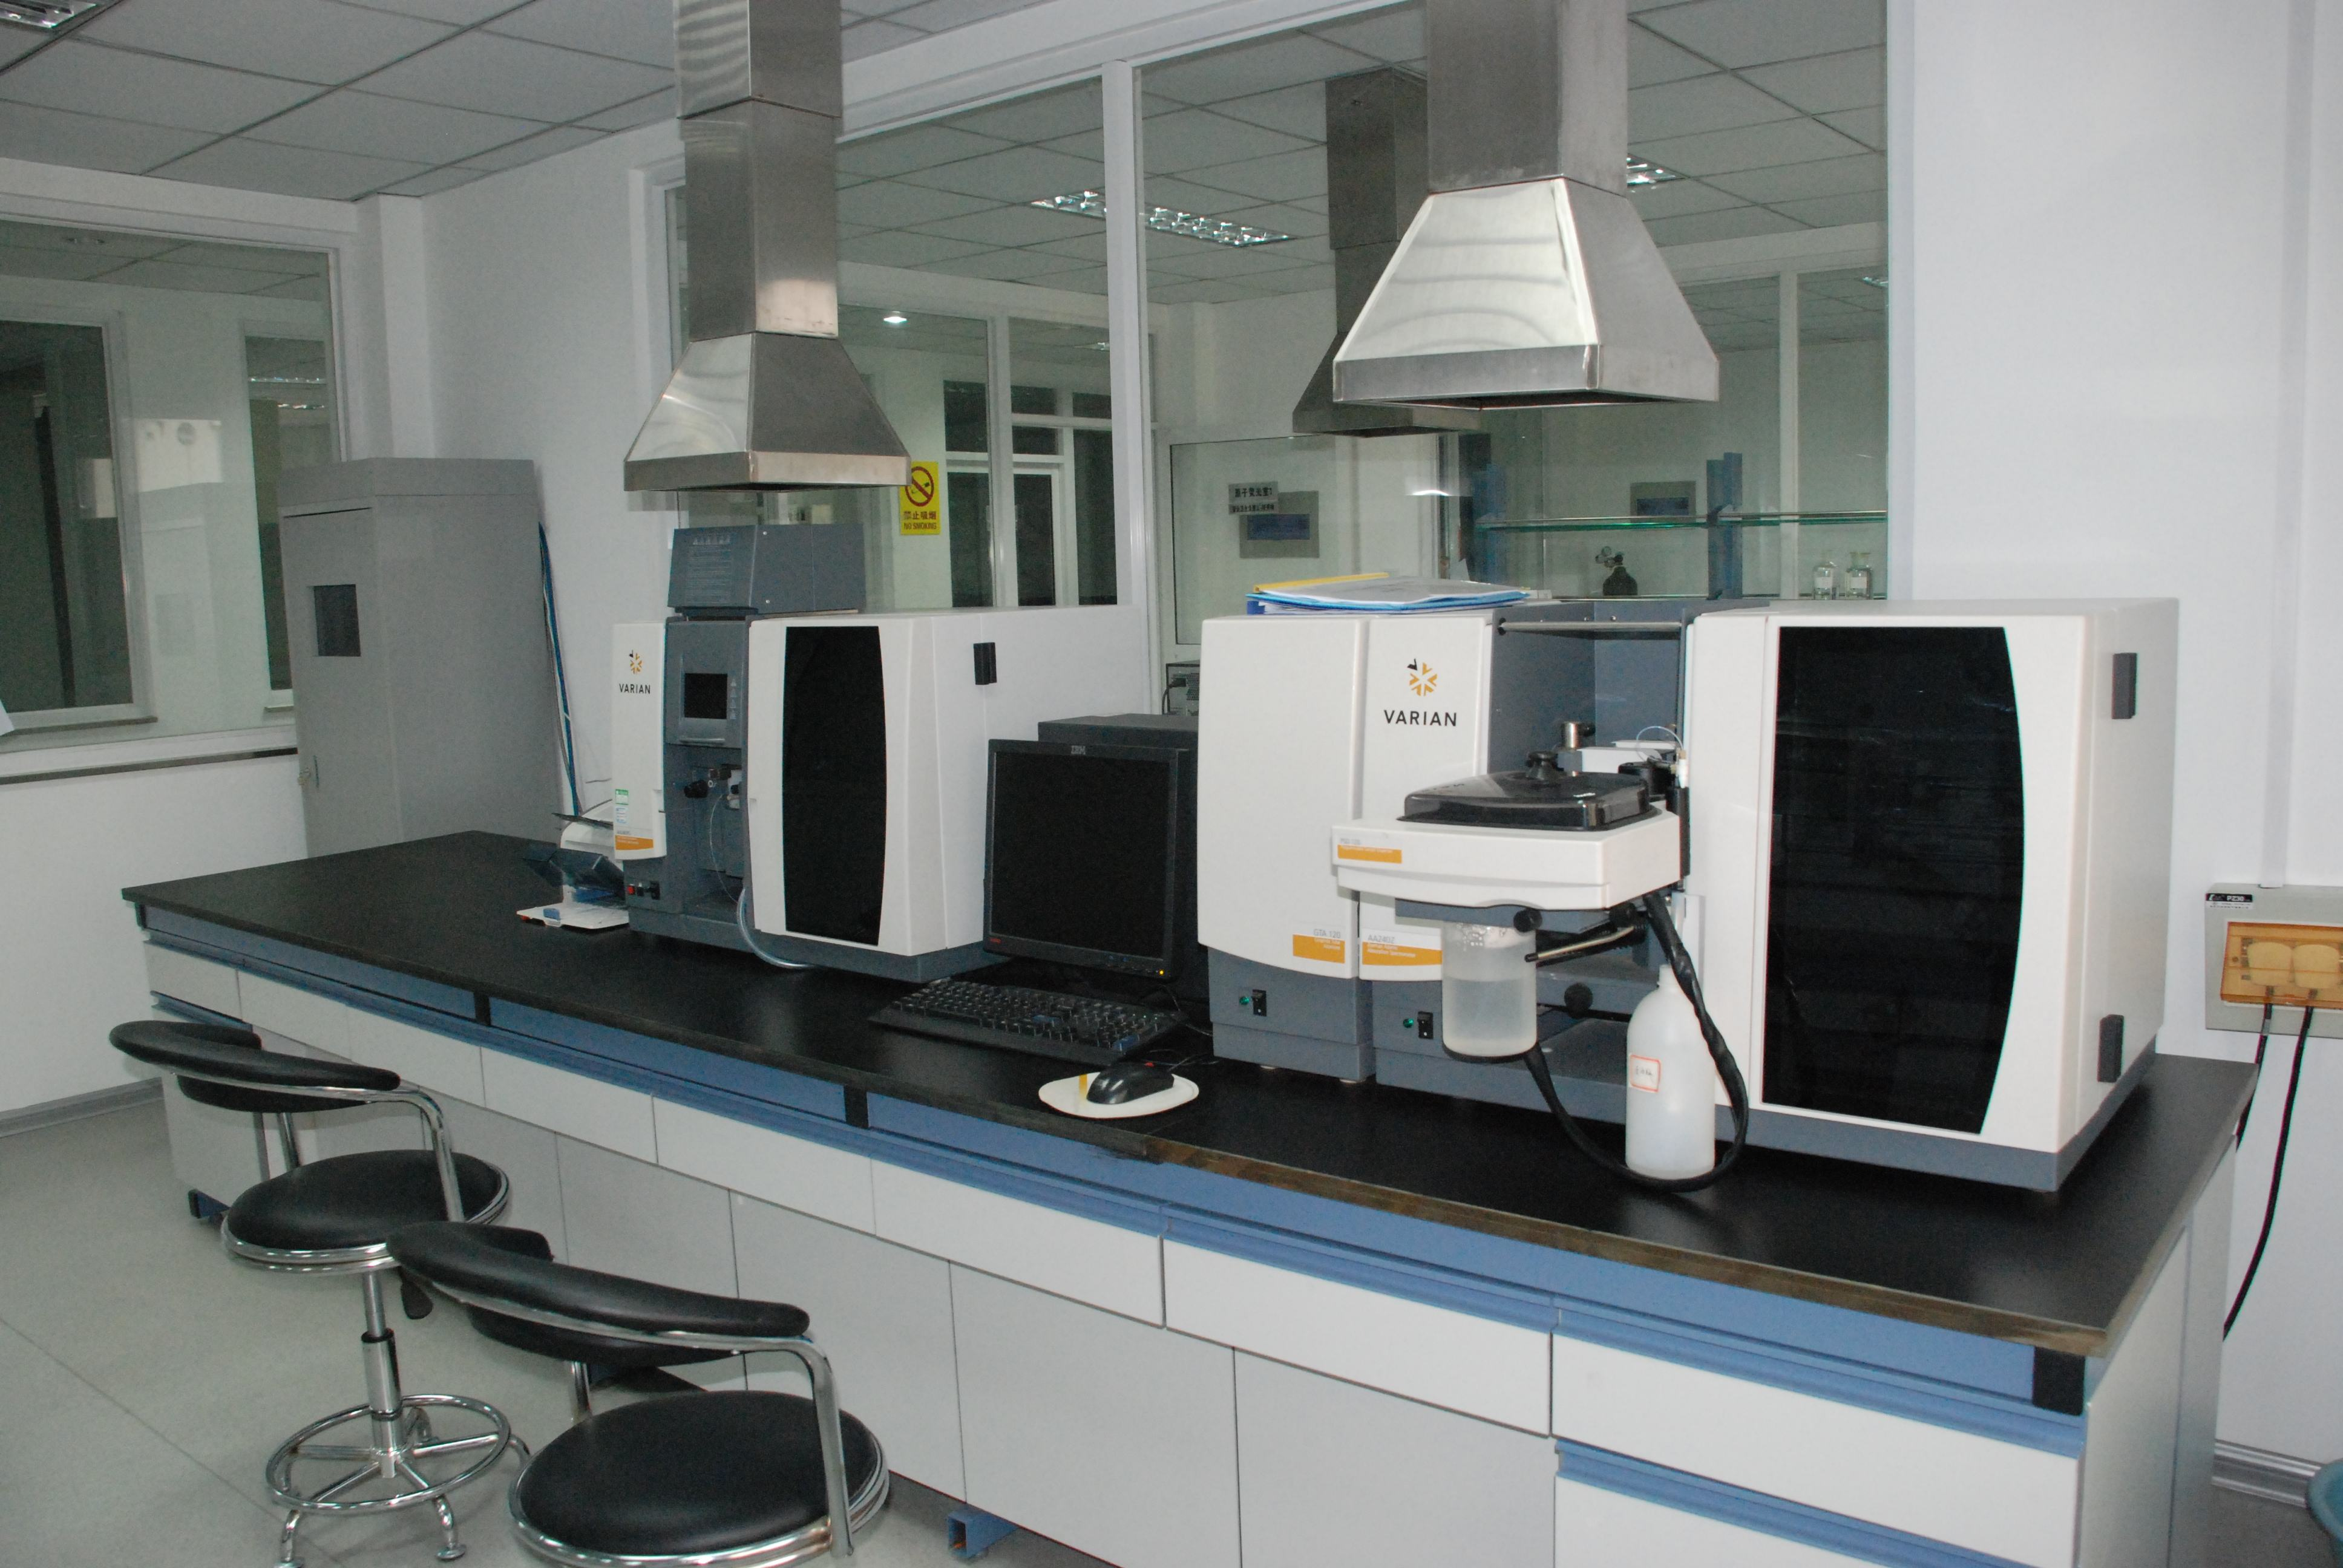 安庆实验室设备校准/标定/校正/校验客观专业独立公正